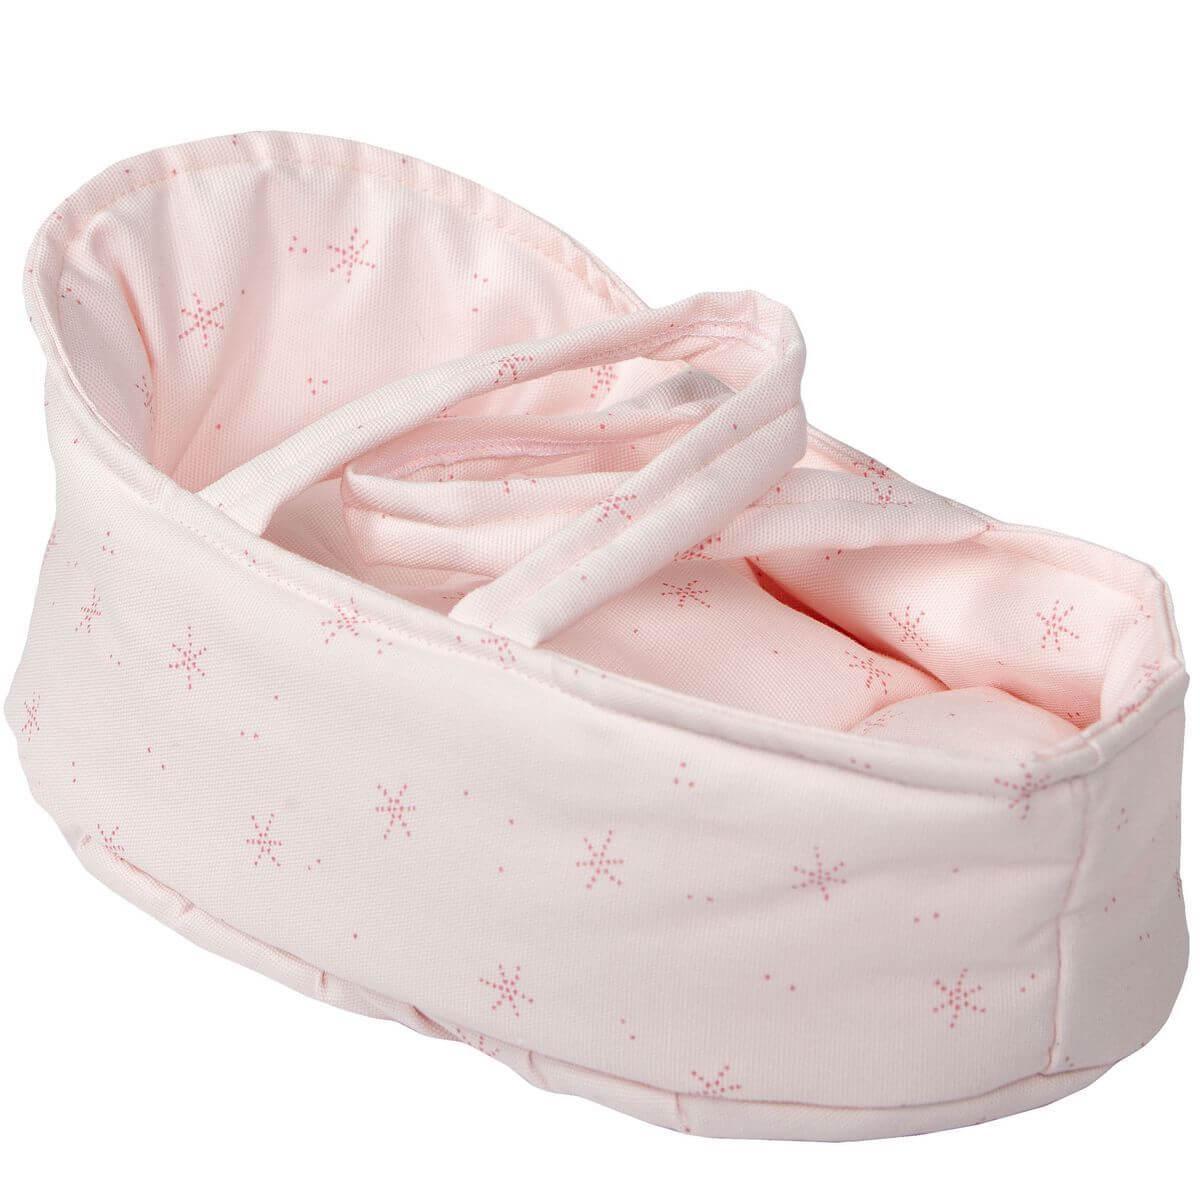 Puppentragetasche 26cm STAR Barrutoys rosa